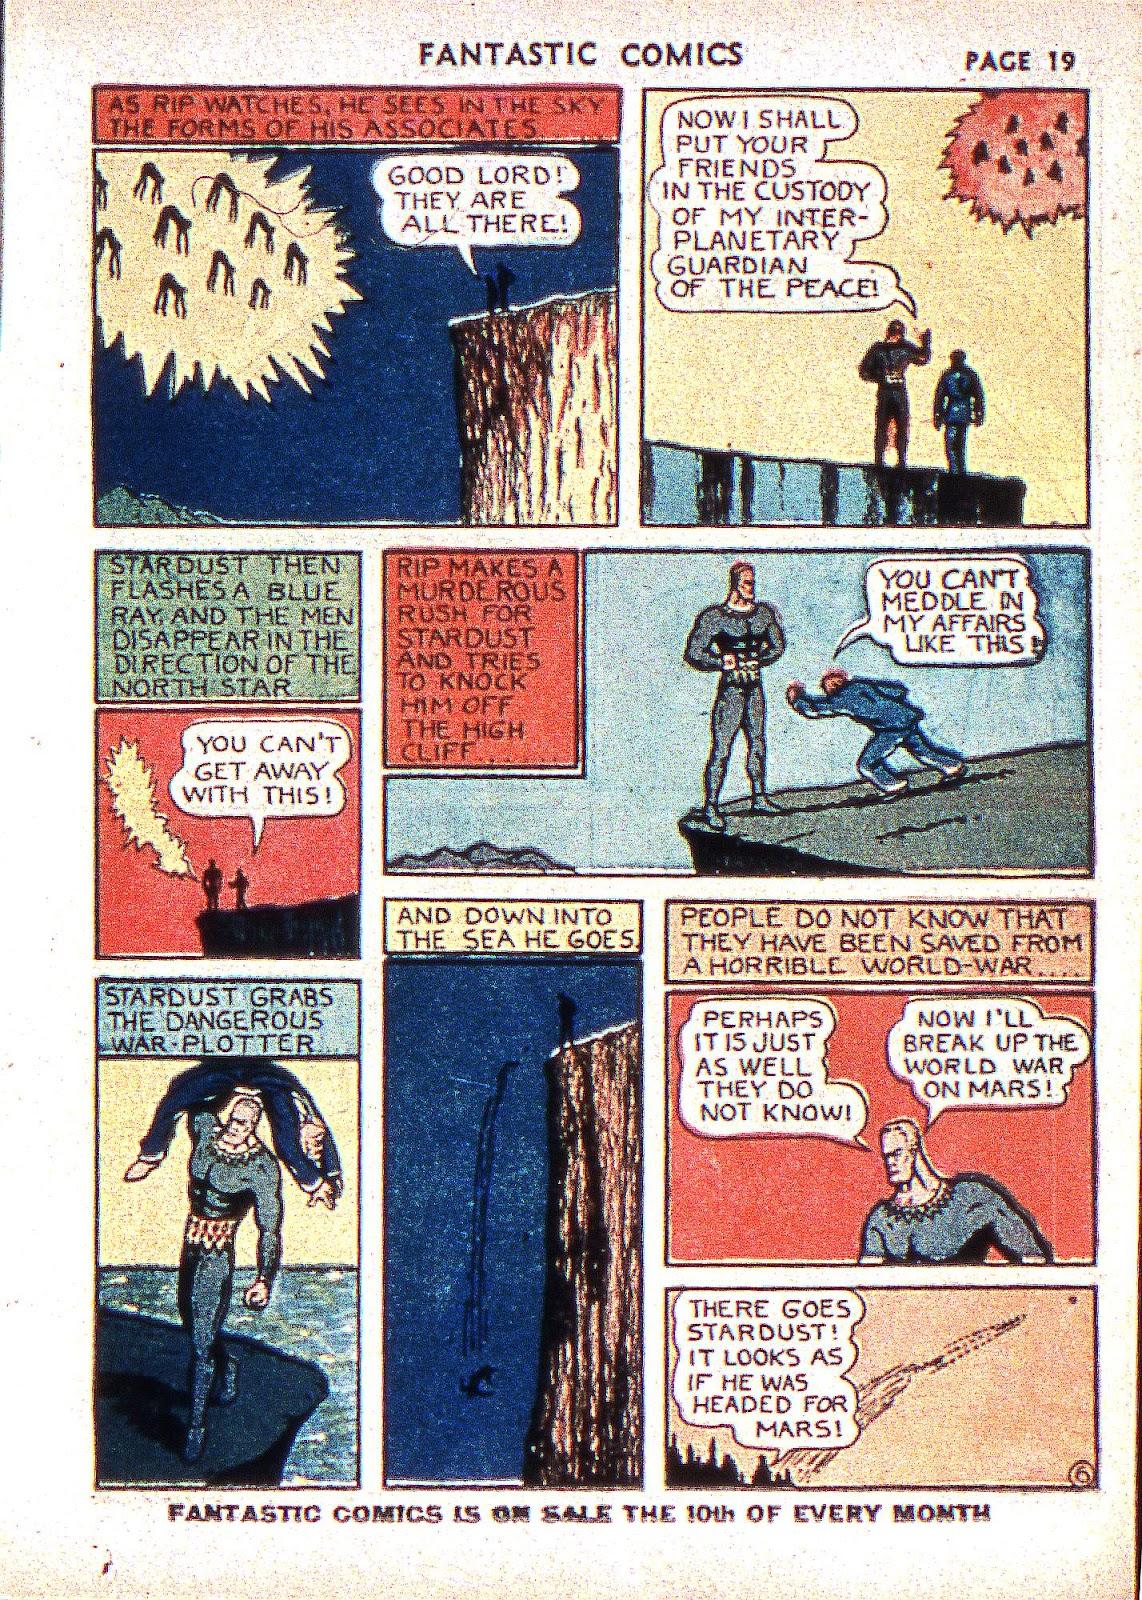 Read online Fantastic Comics comic -  Issue #2 - 21